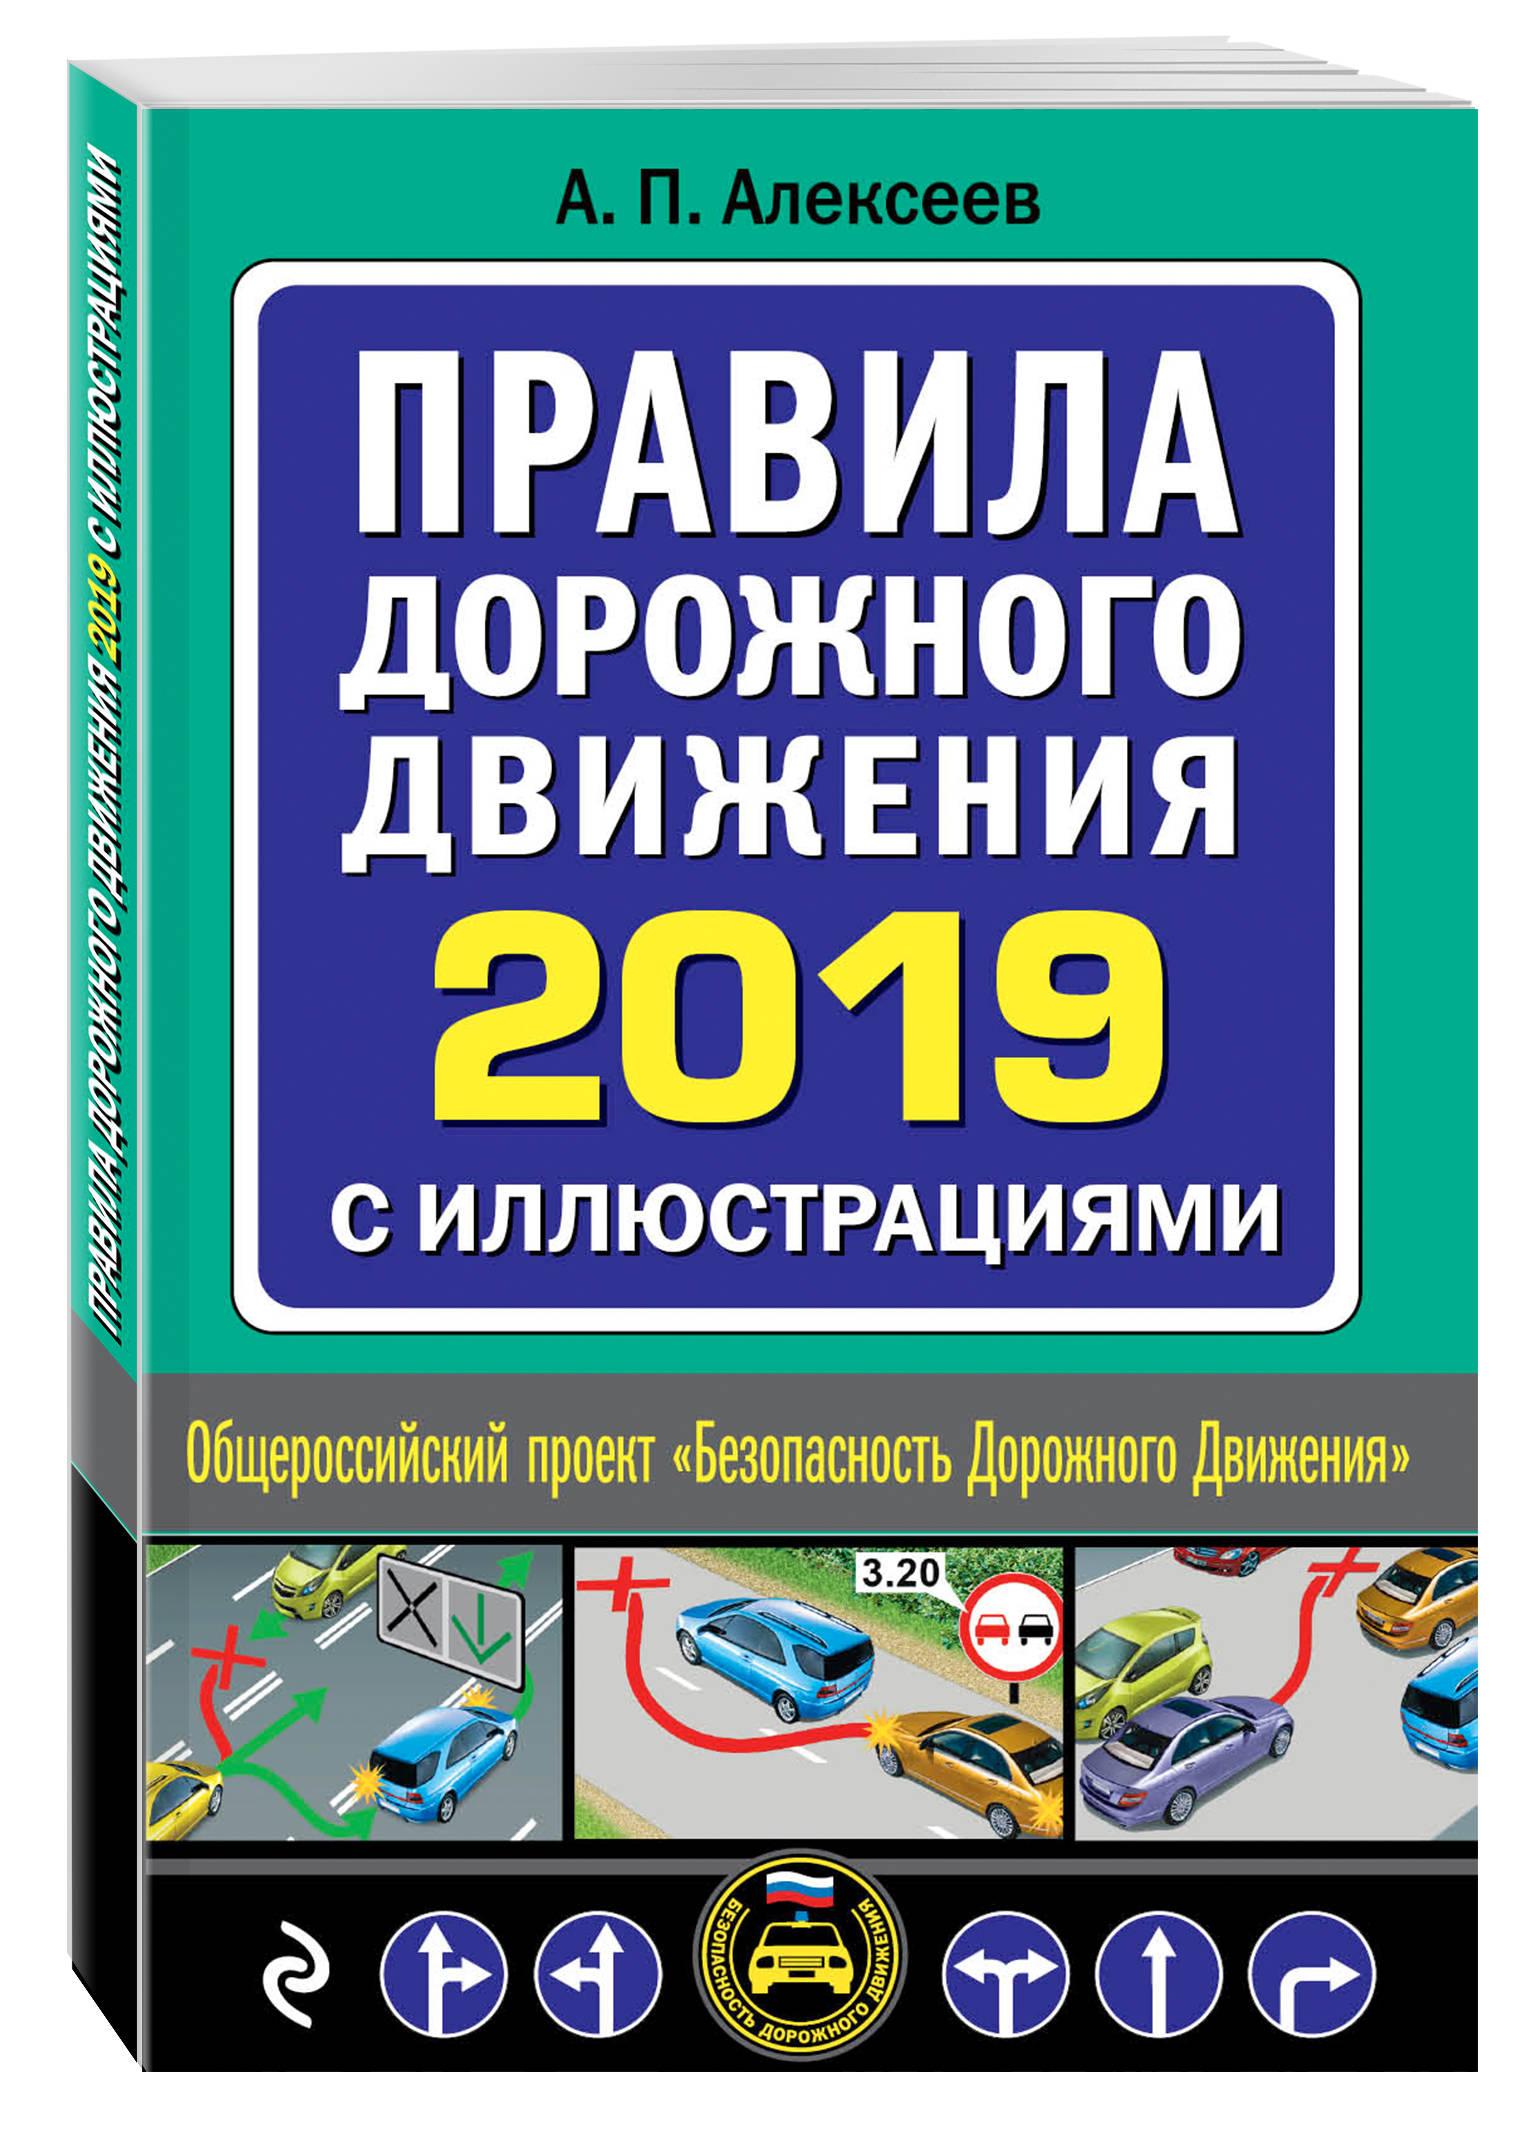 А. Алексеев Правила дорожного движения 2019 с иллюстрациями (с посл. изм. и доп.)